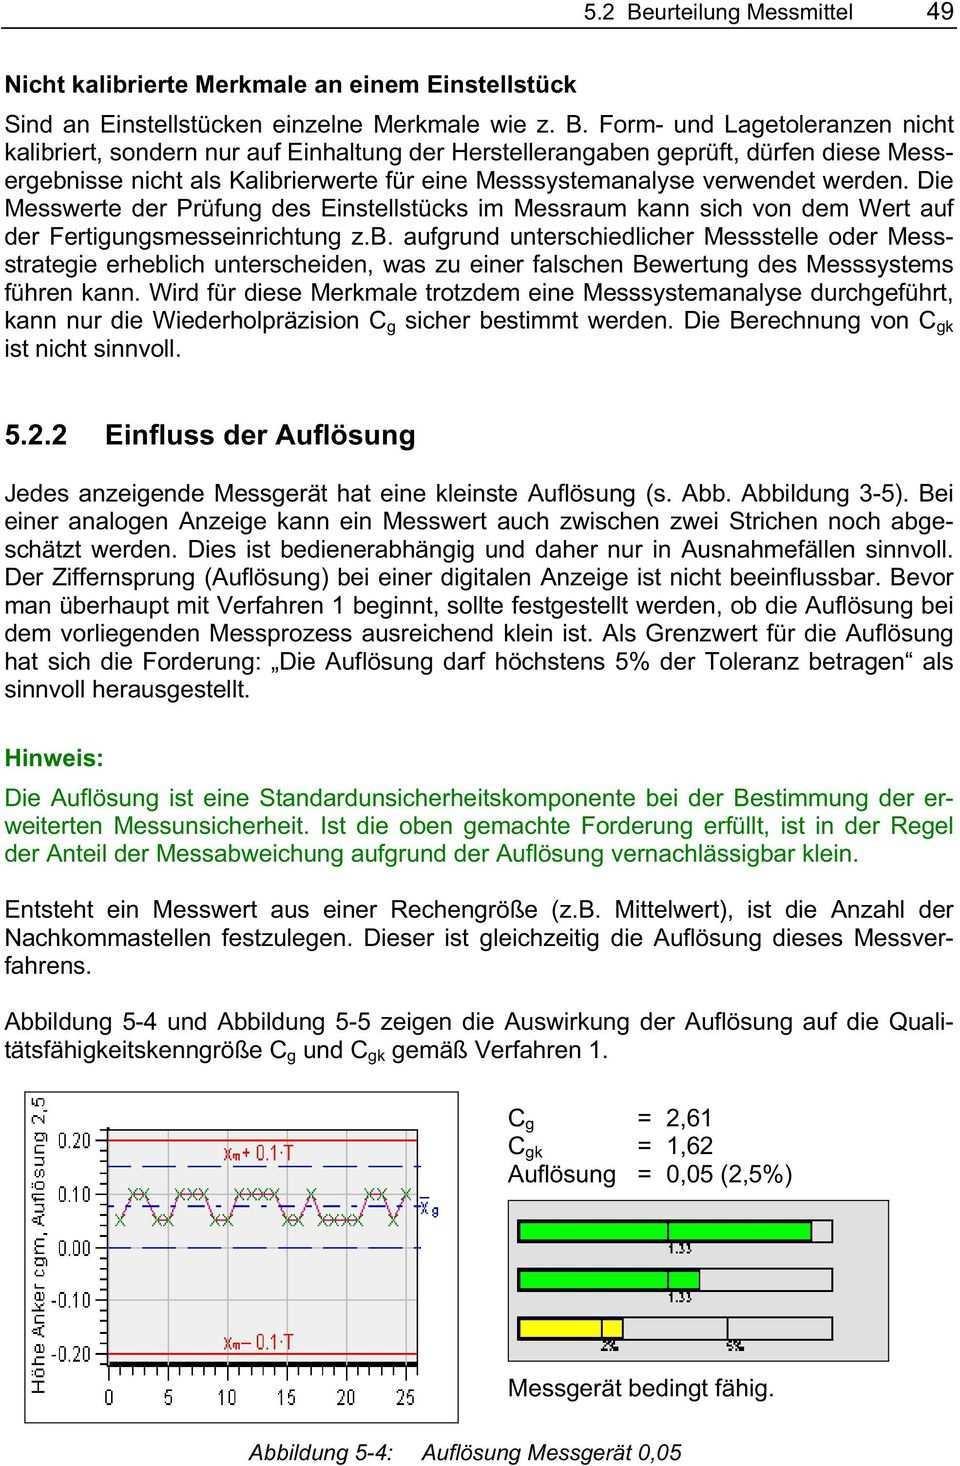 5 Prufmittelfahigkeit Als Eignungsnachweis Fur Messprozesse Pdf Free Download